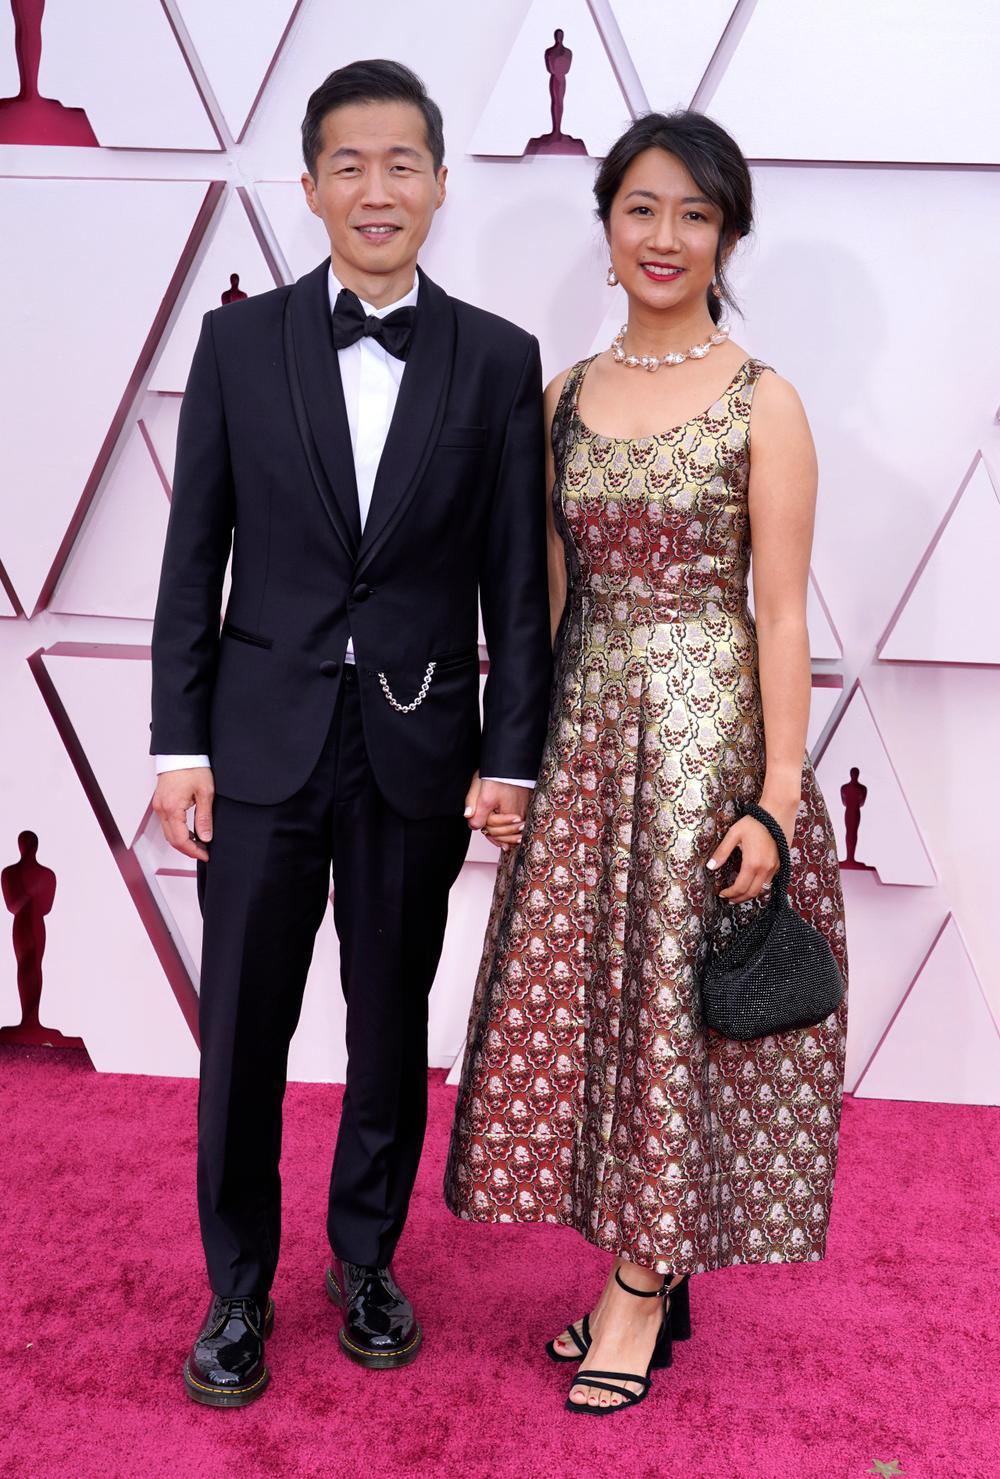 Thảm đỏ Oscar 2021: Lóa mắt với những bộ đầm lộng lẫy của dàn sao Hollywood đình đám Ảnh 3